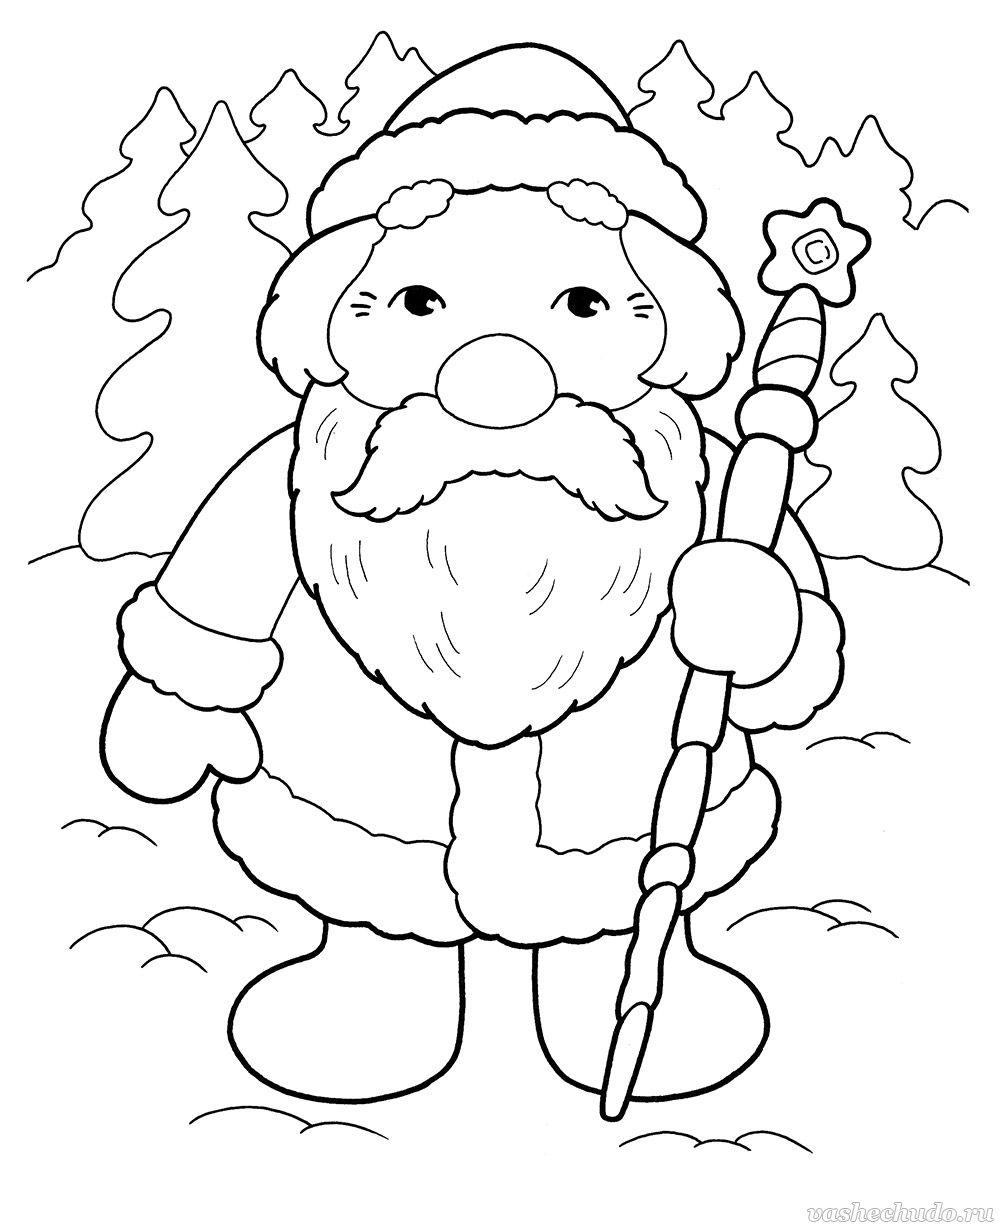 Новогодняя раскраска для детей. Дед Мороз с посохом